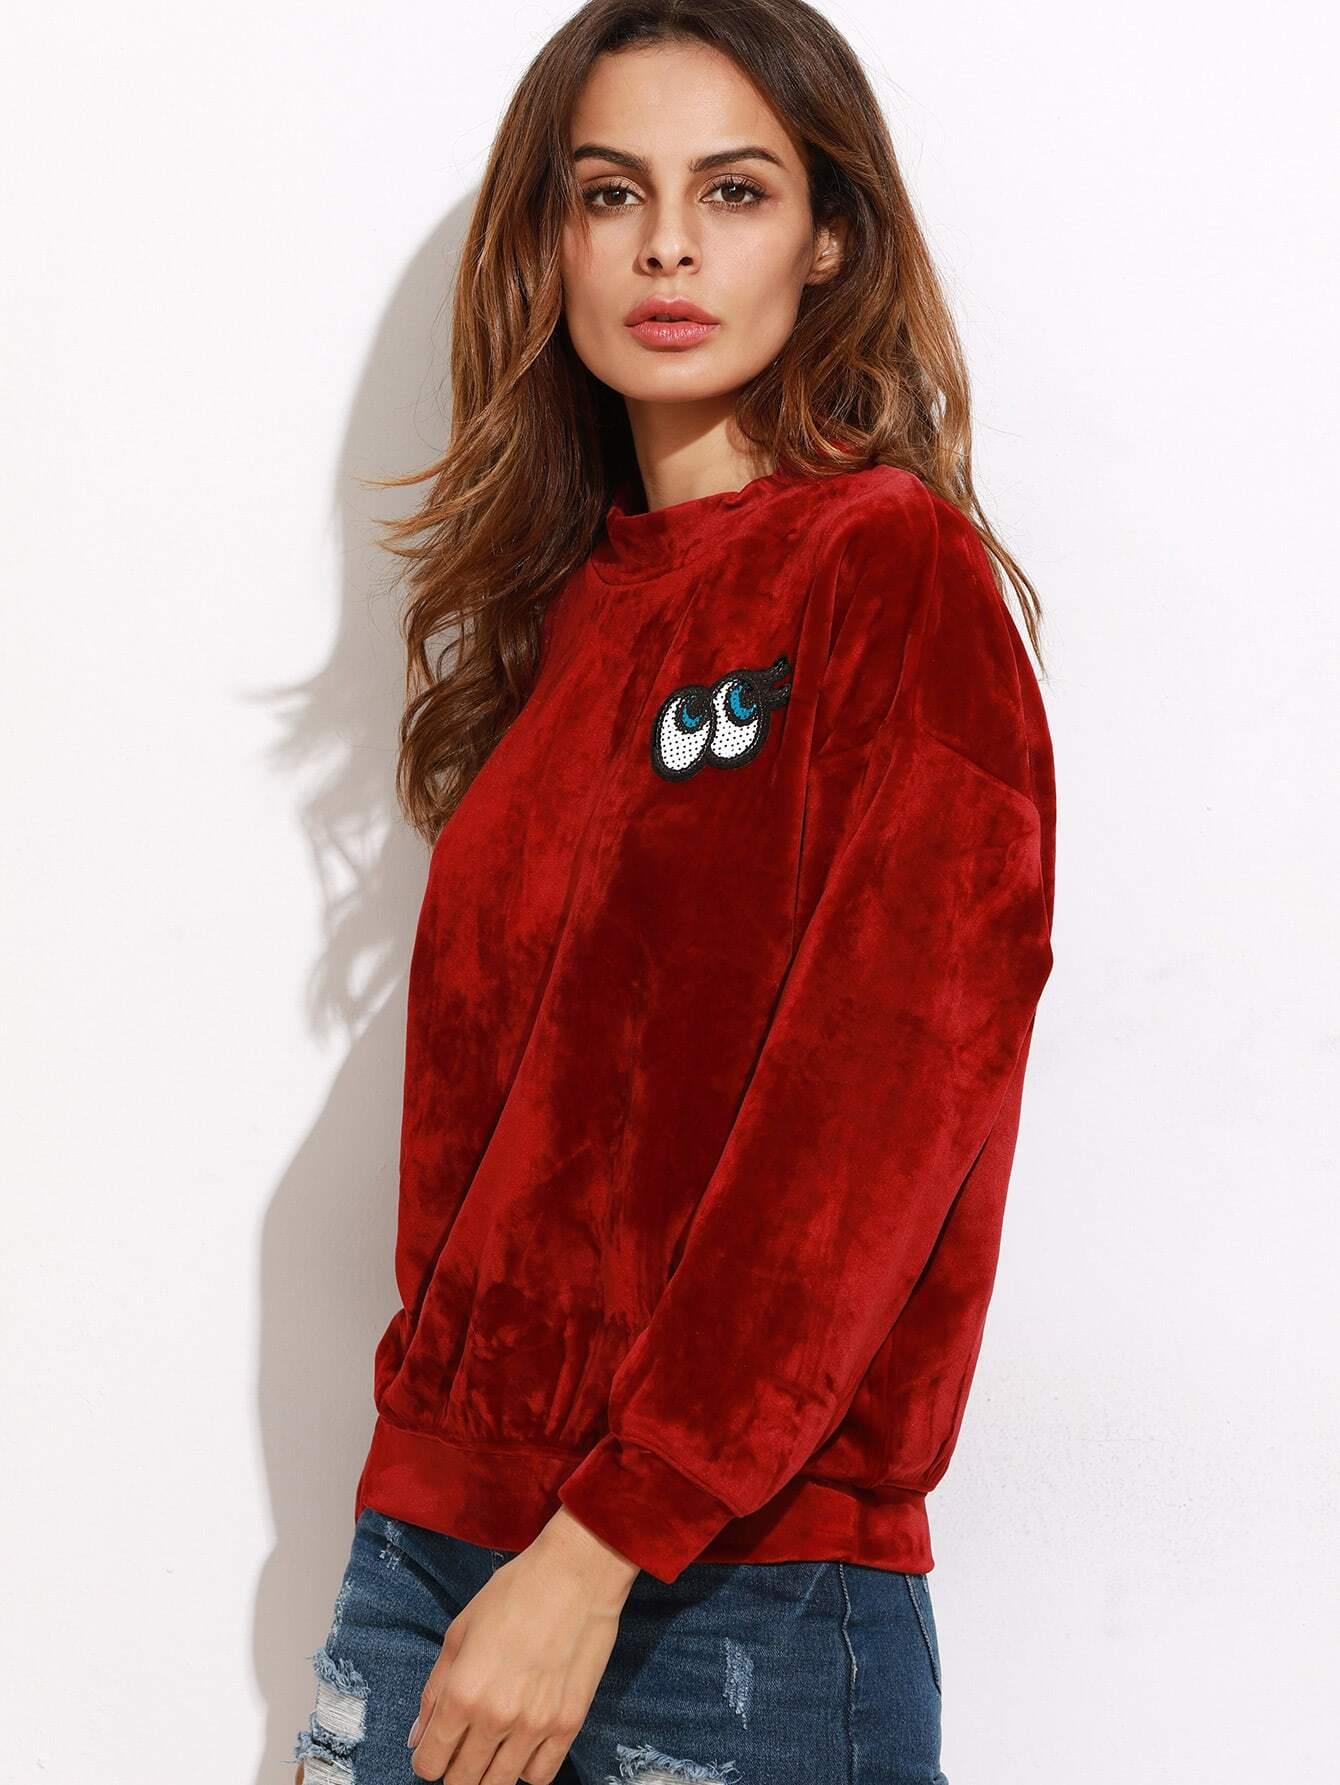 sweatshirt161005401_2